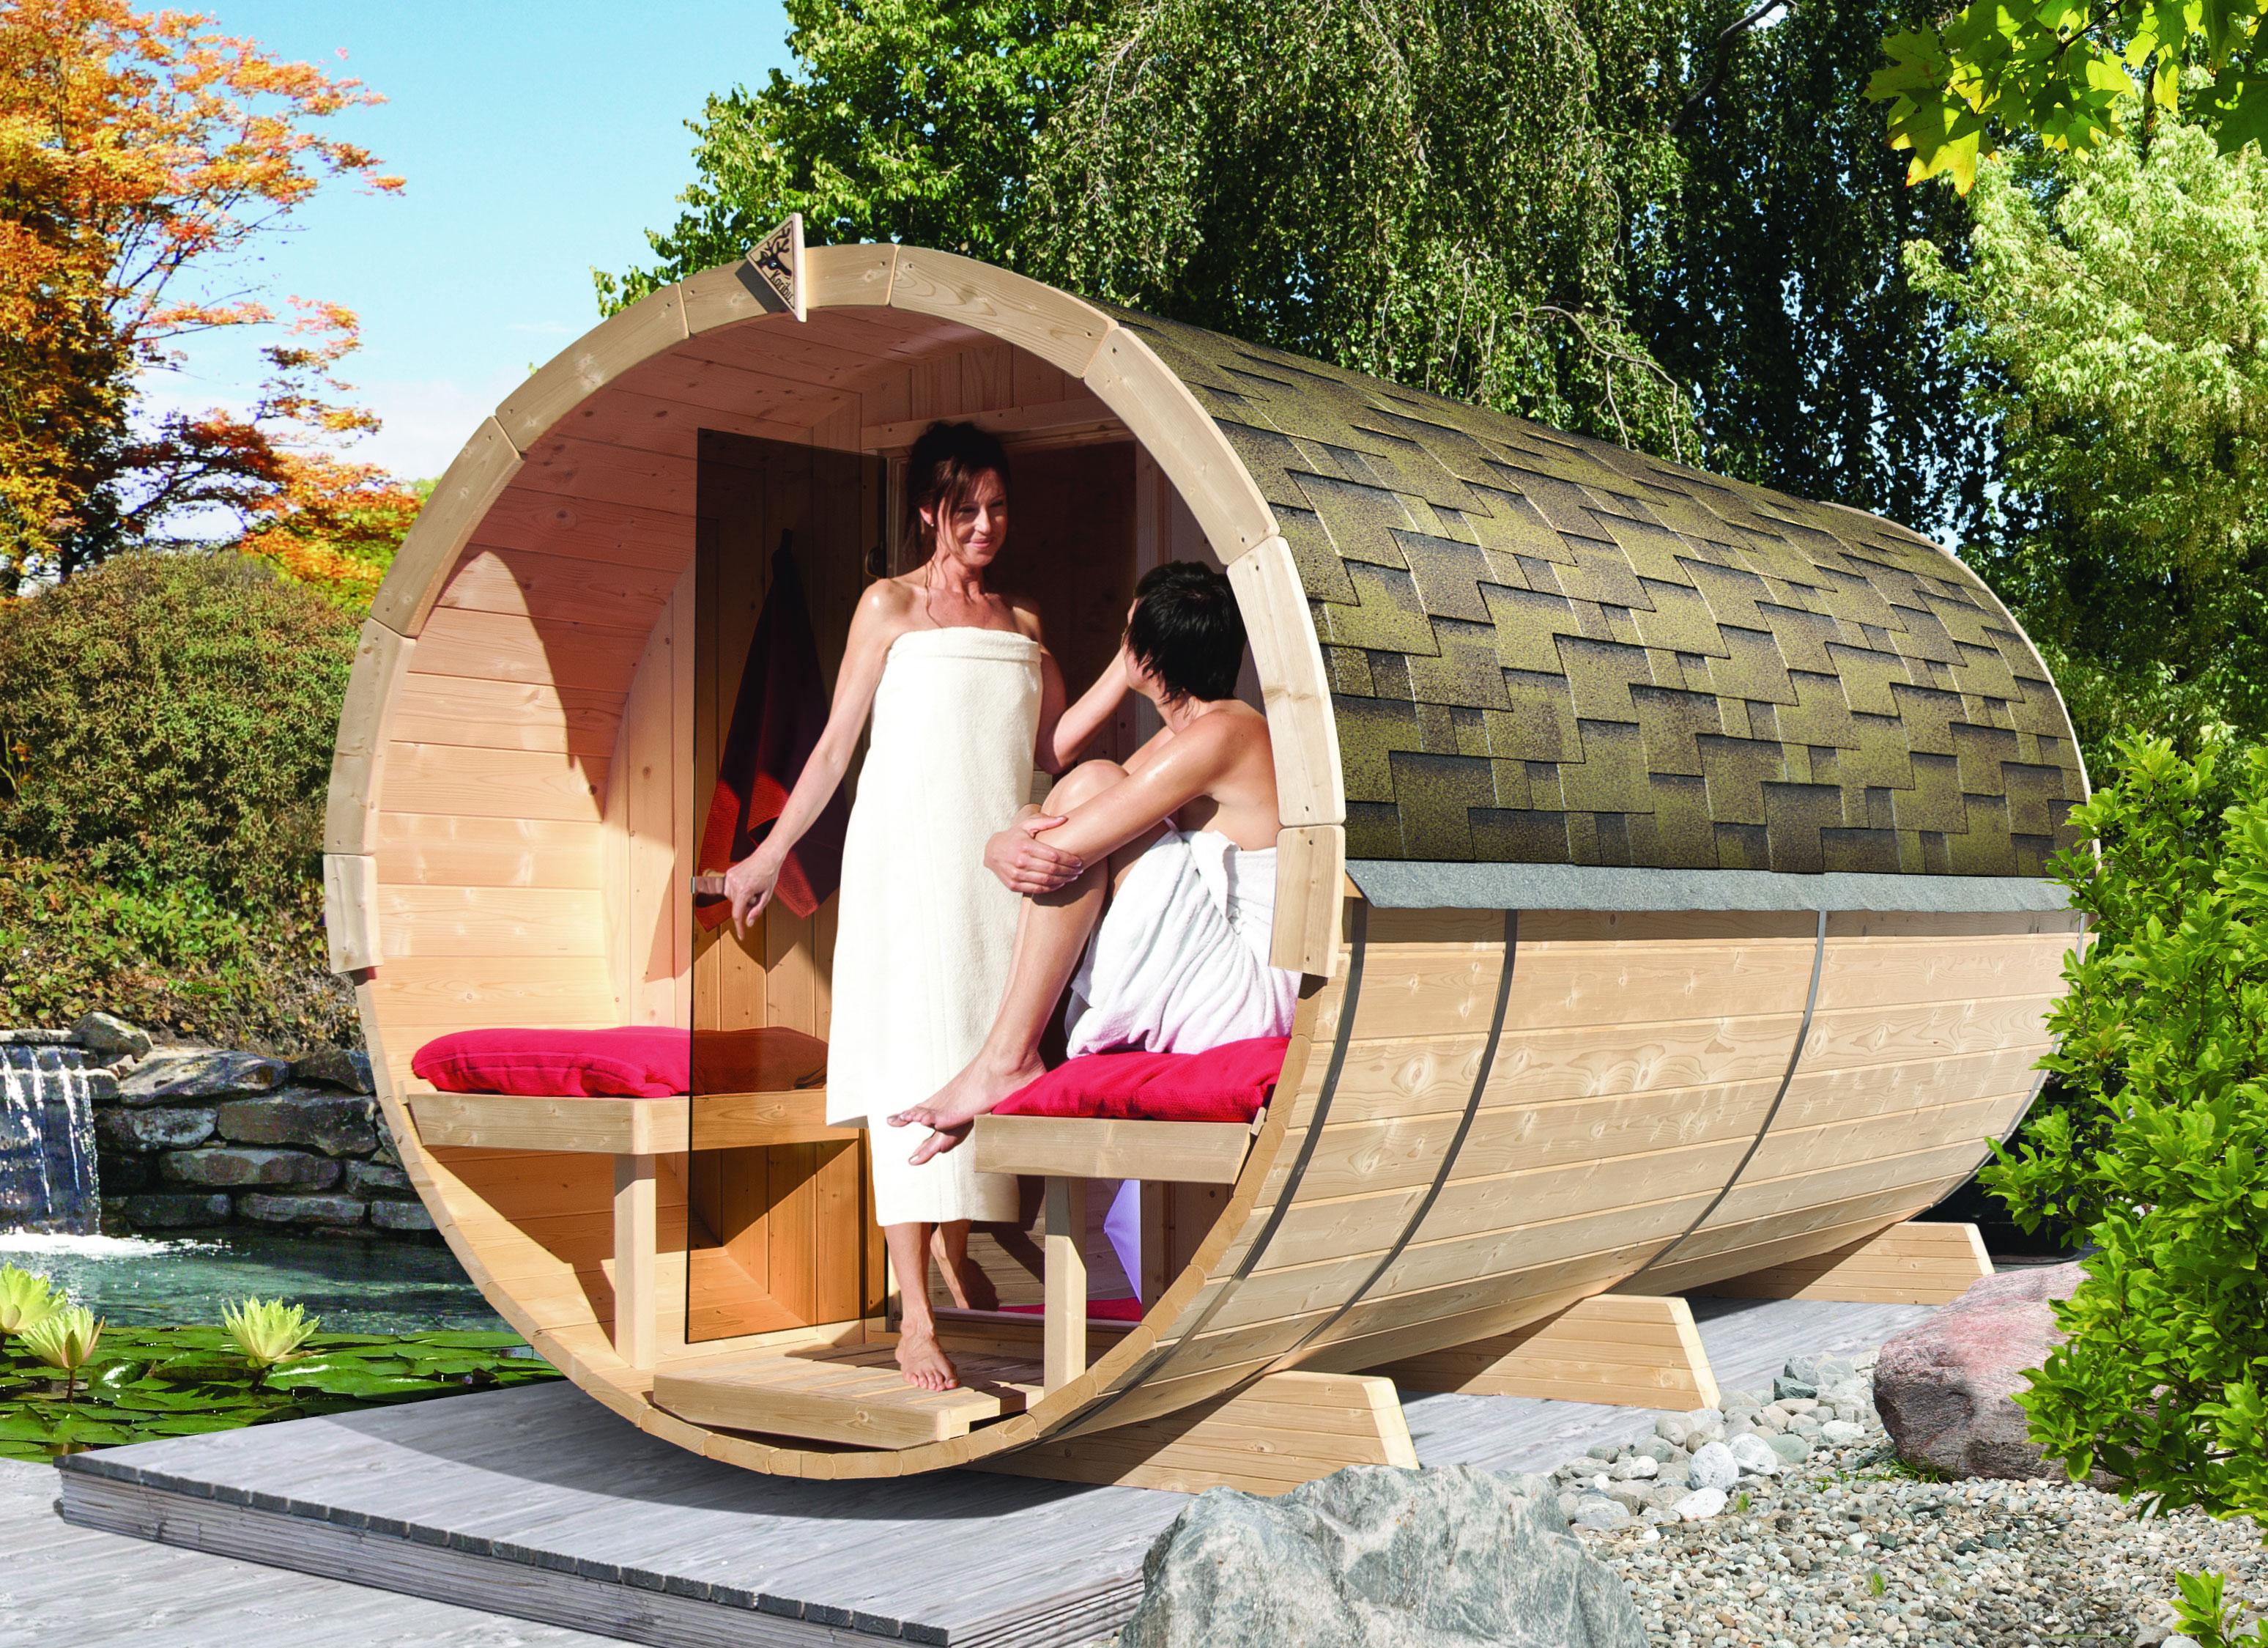 karibu fass sauna 4 au ensauna mit saunaofen 9kw bei. Black Bedroom Furniture Sets. Home Design Ideas